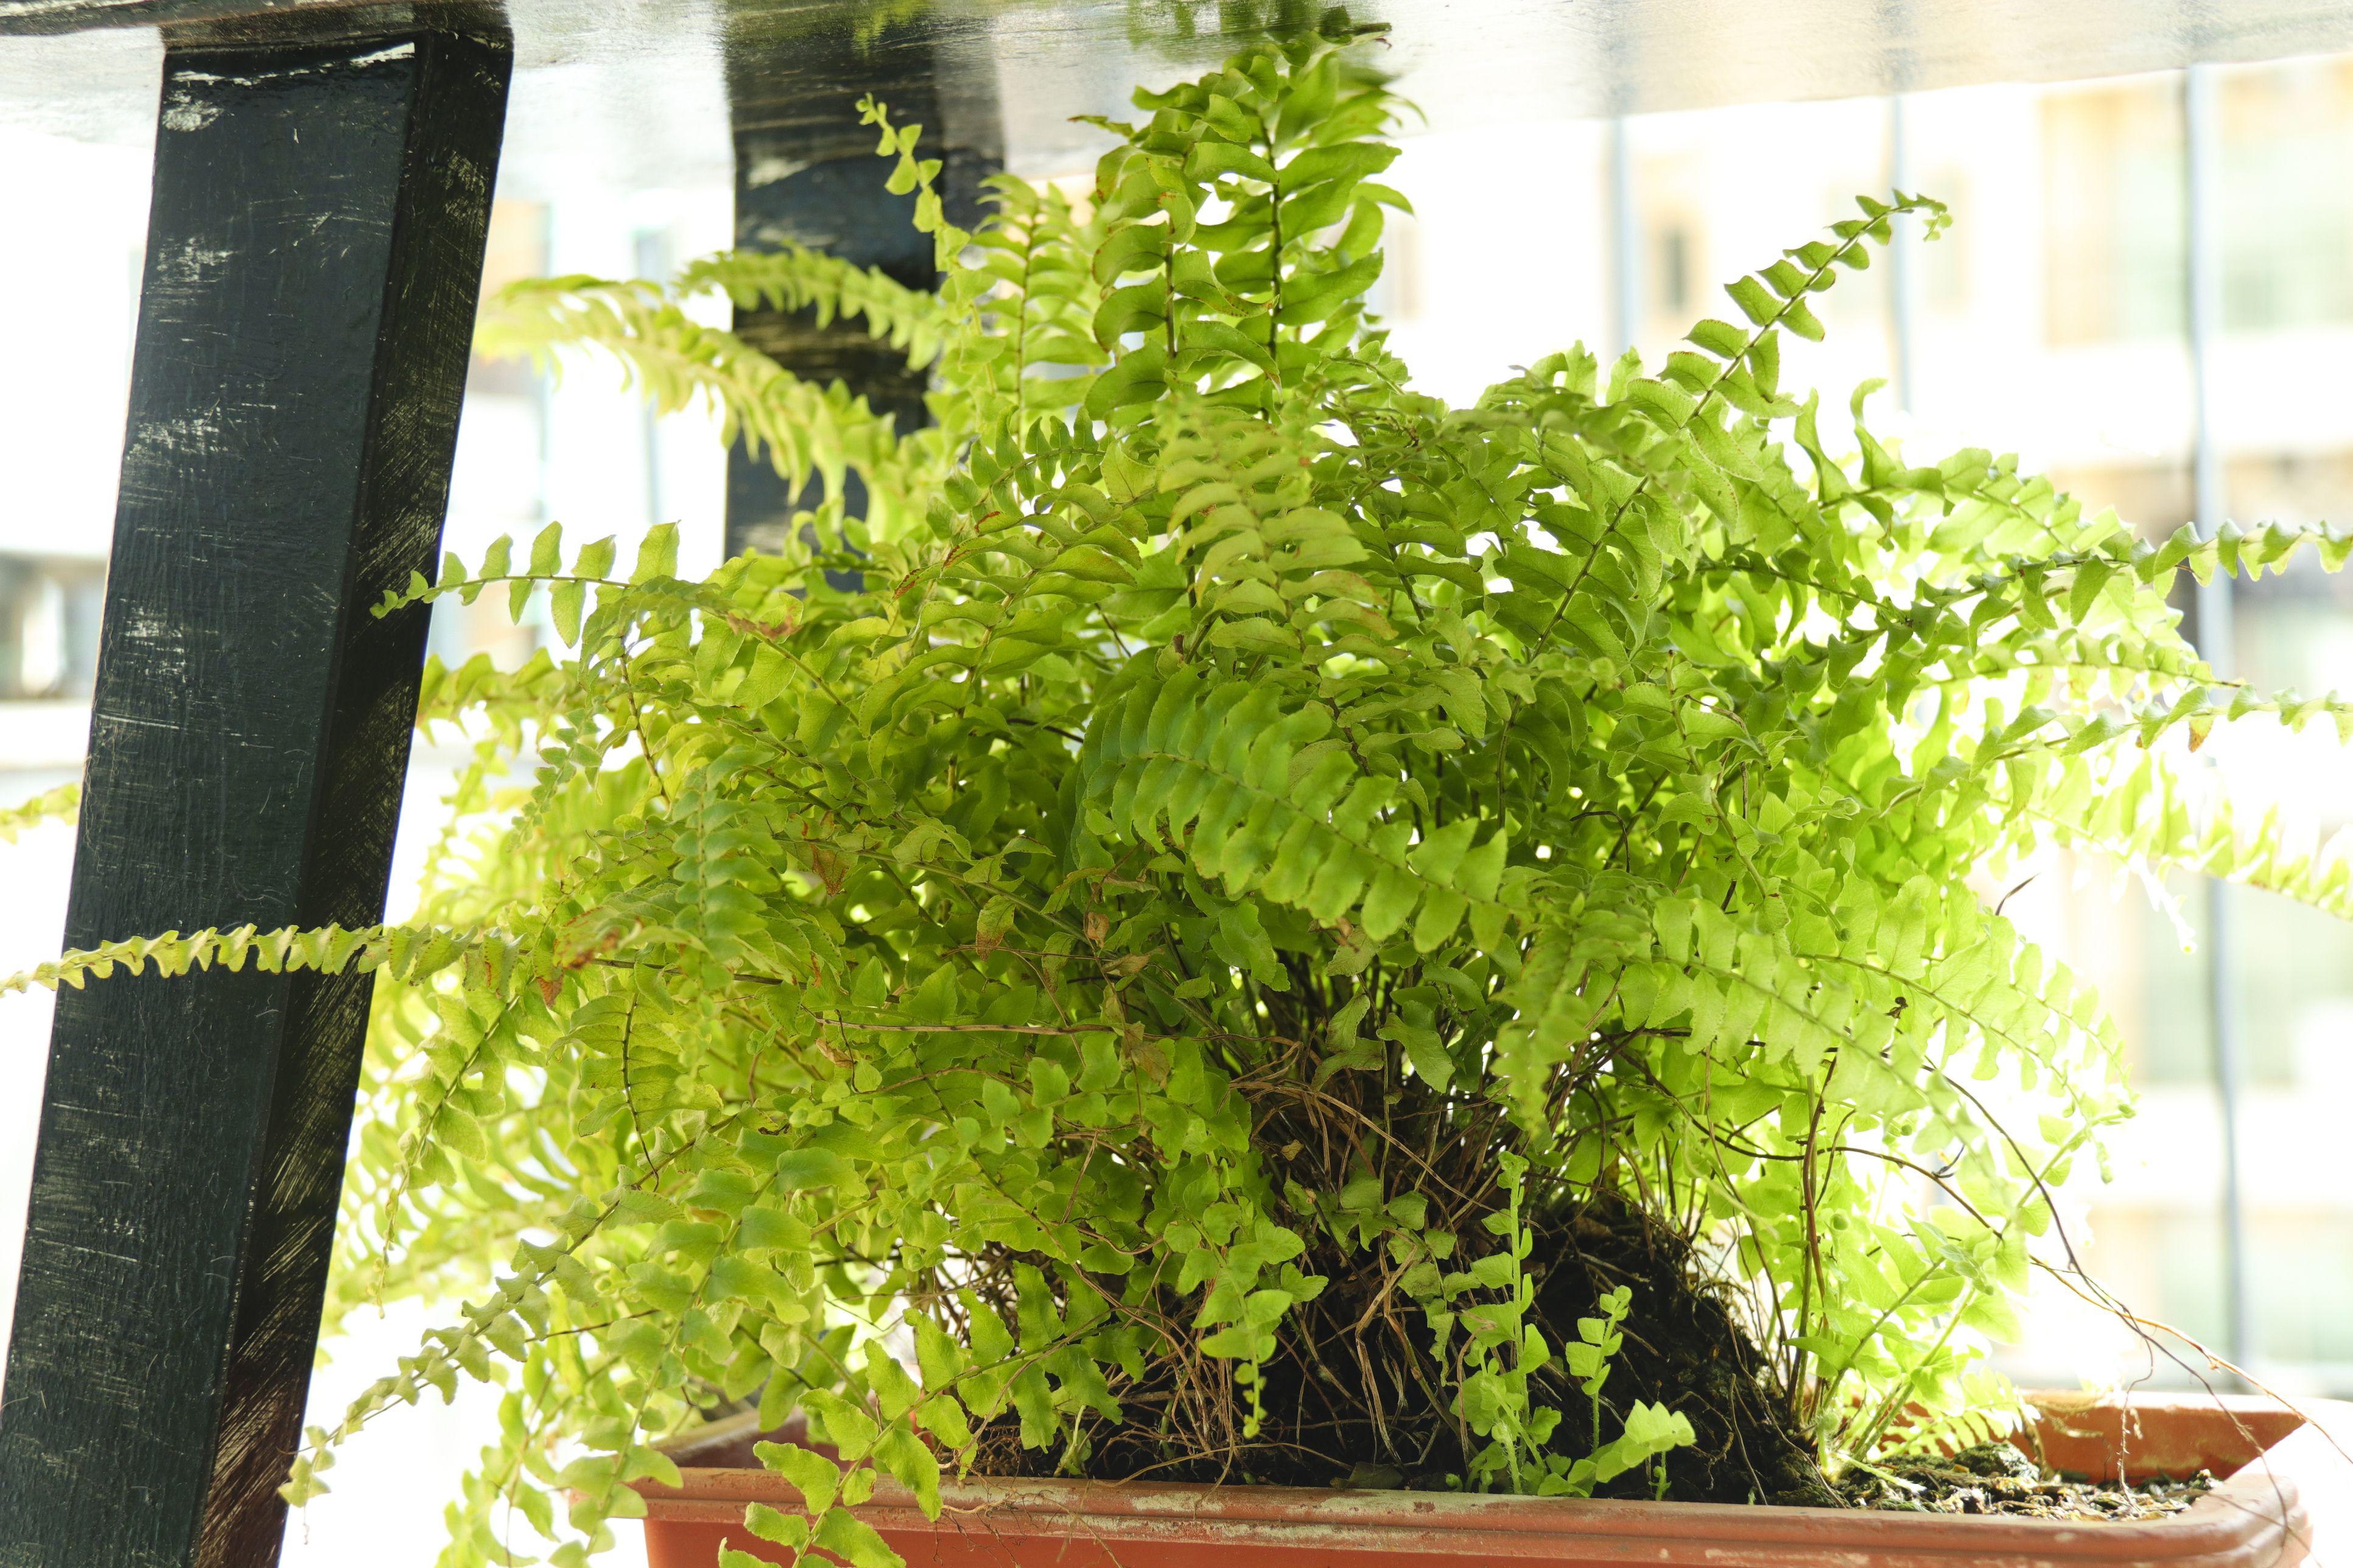 Boston fern near a window